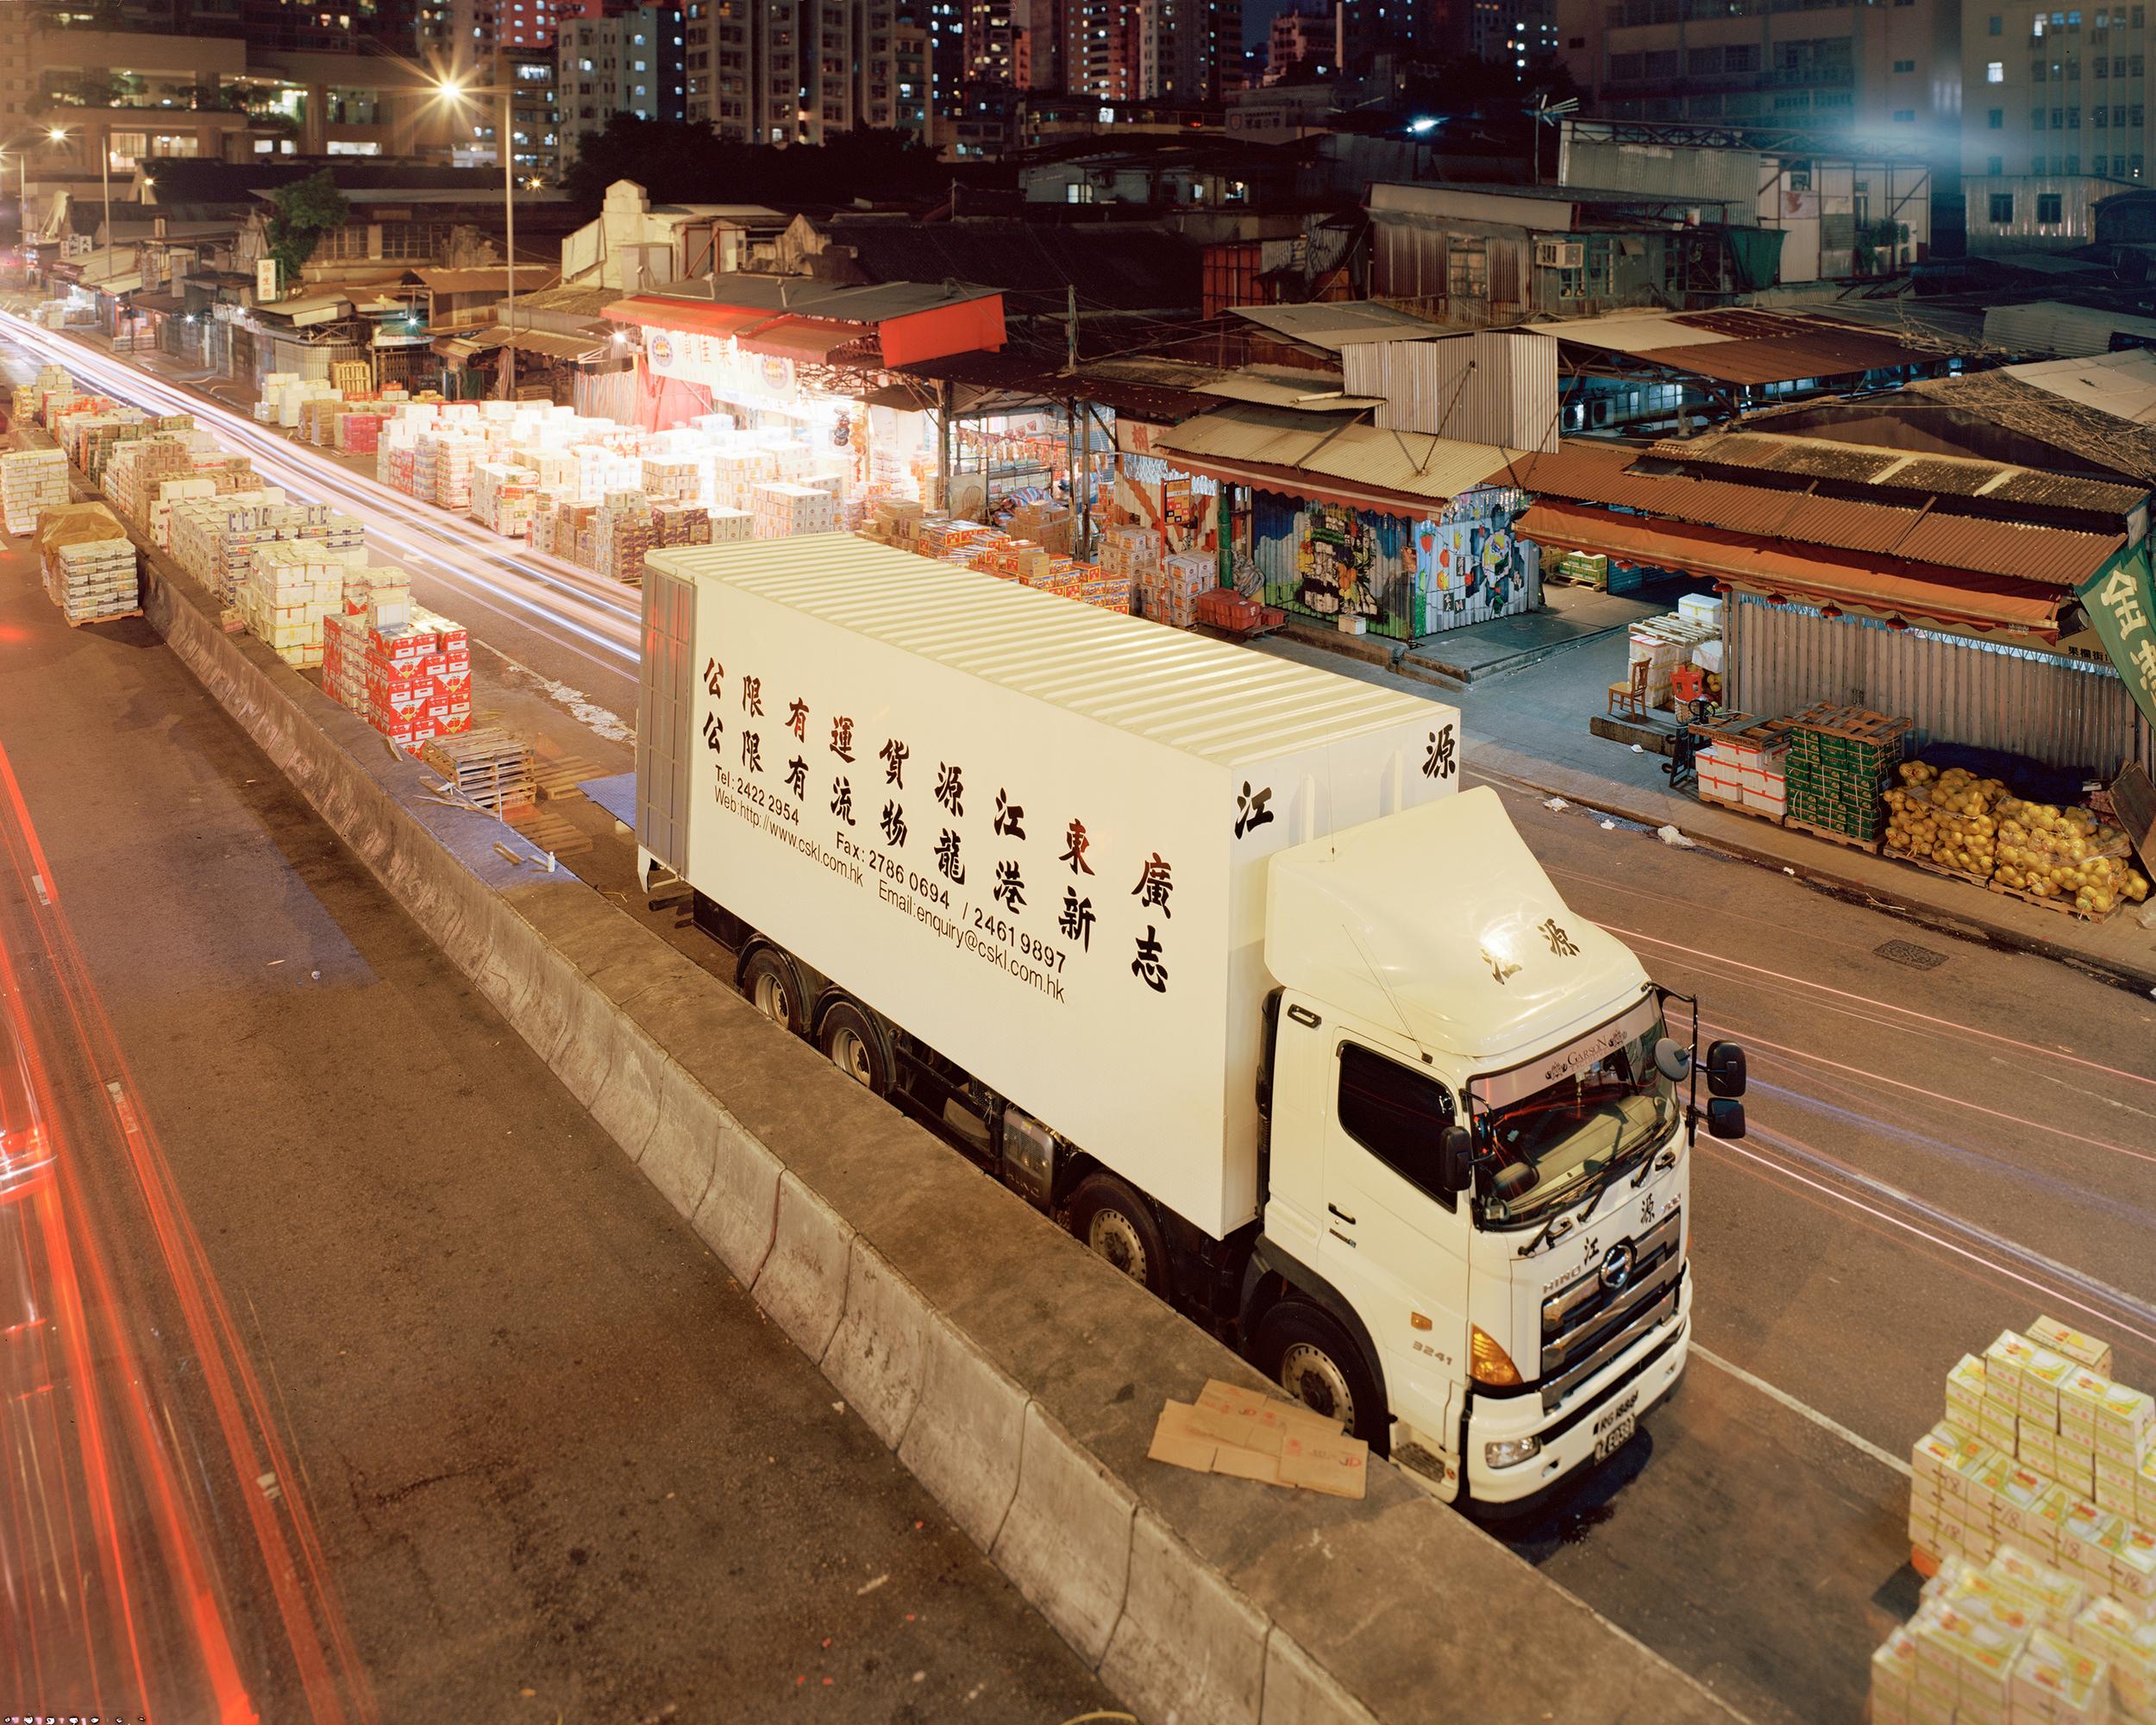 Yau Ma Tei Food Wholesale Market, Hong Kong (2012)